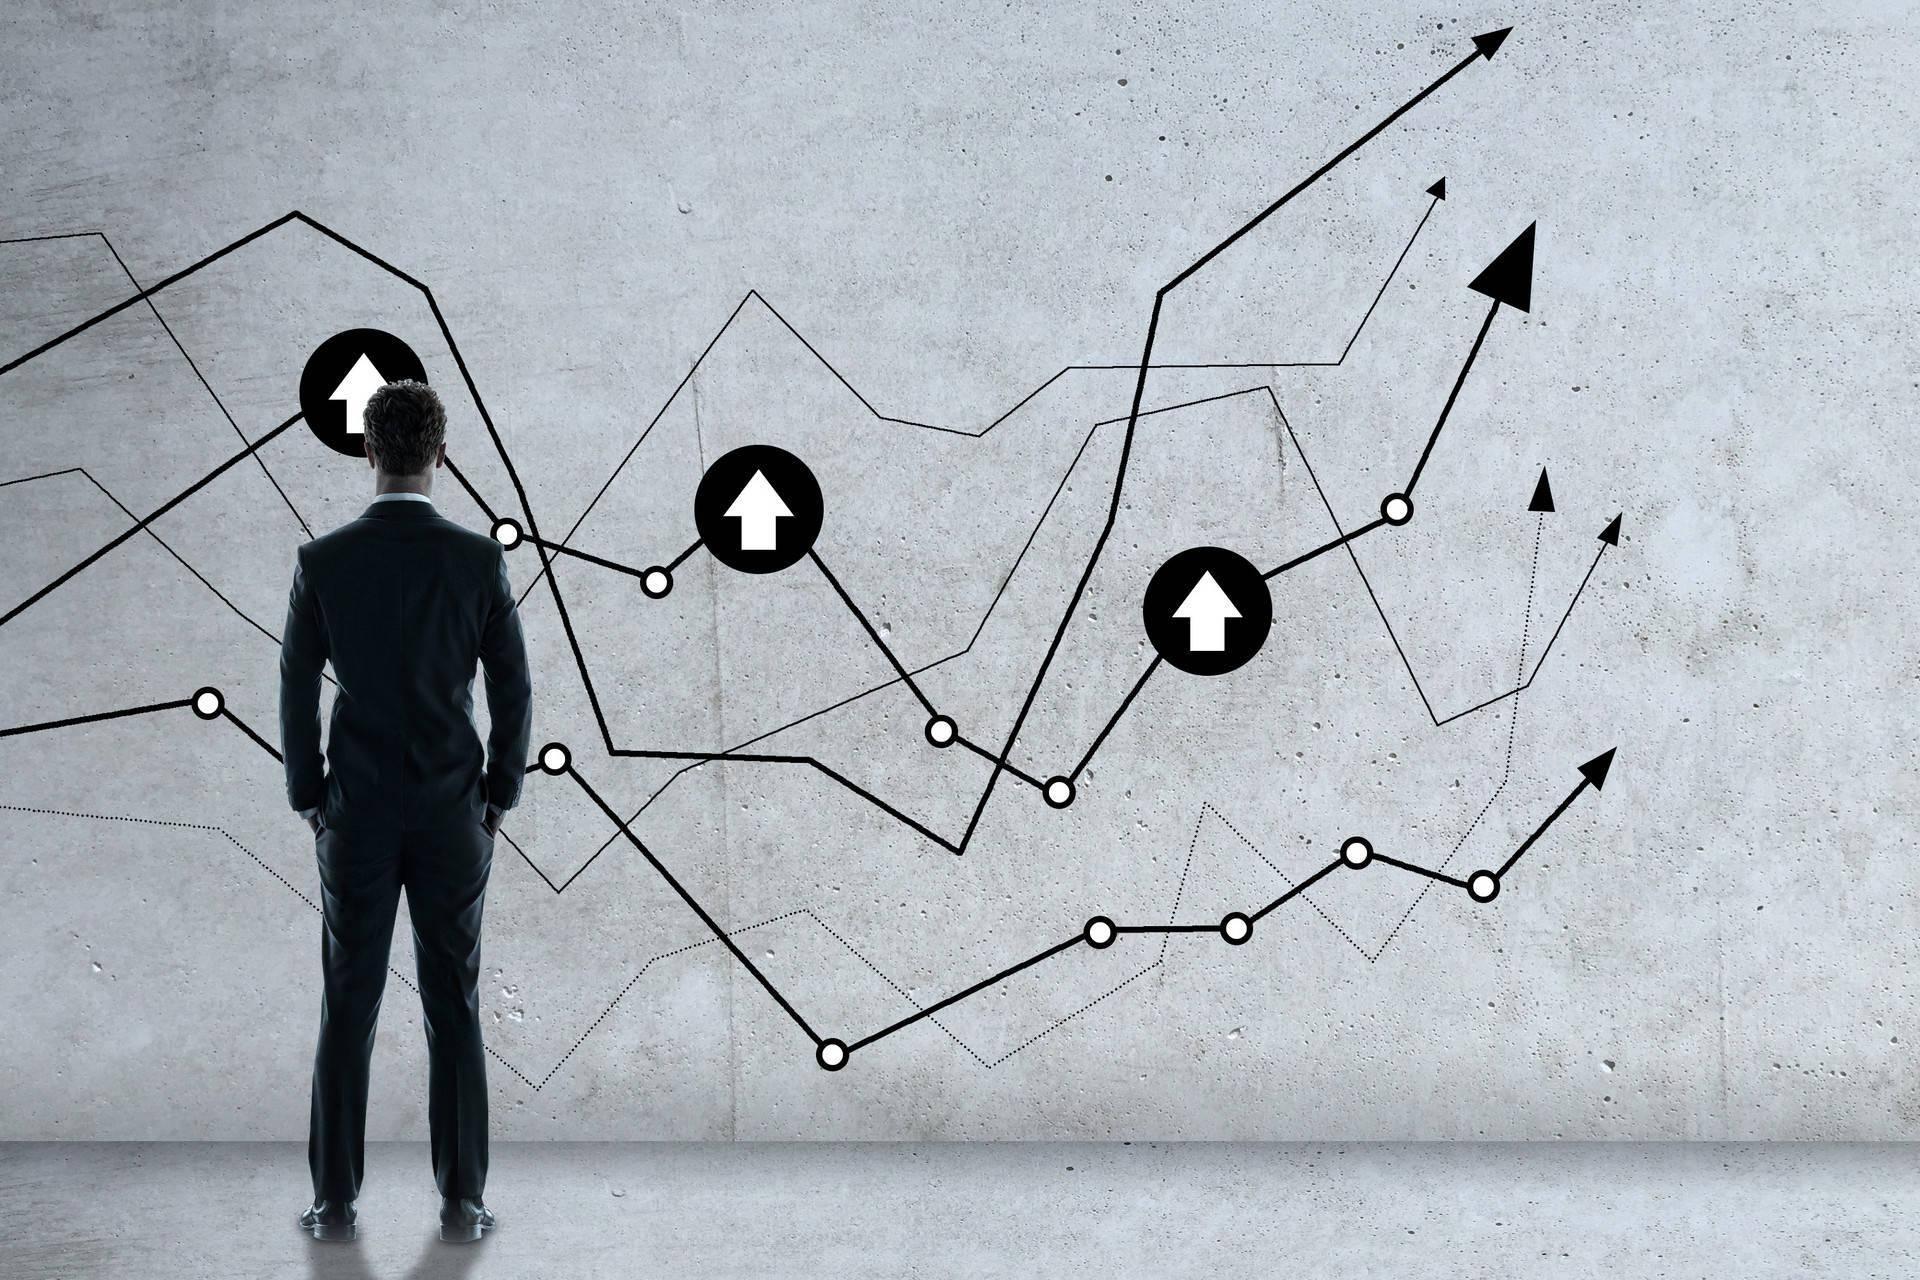 依赖小经销商毛利率低于行业均值   康拓医疗海外业务扑朔迷离如何IPO?